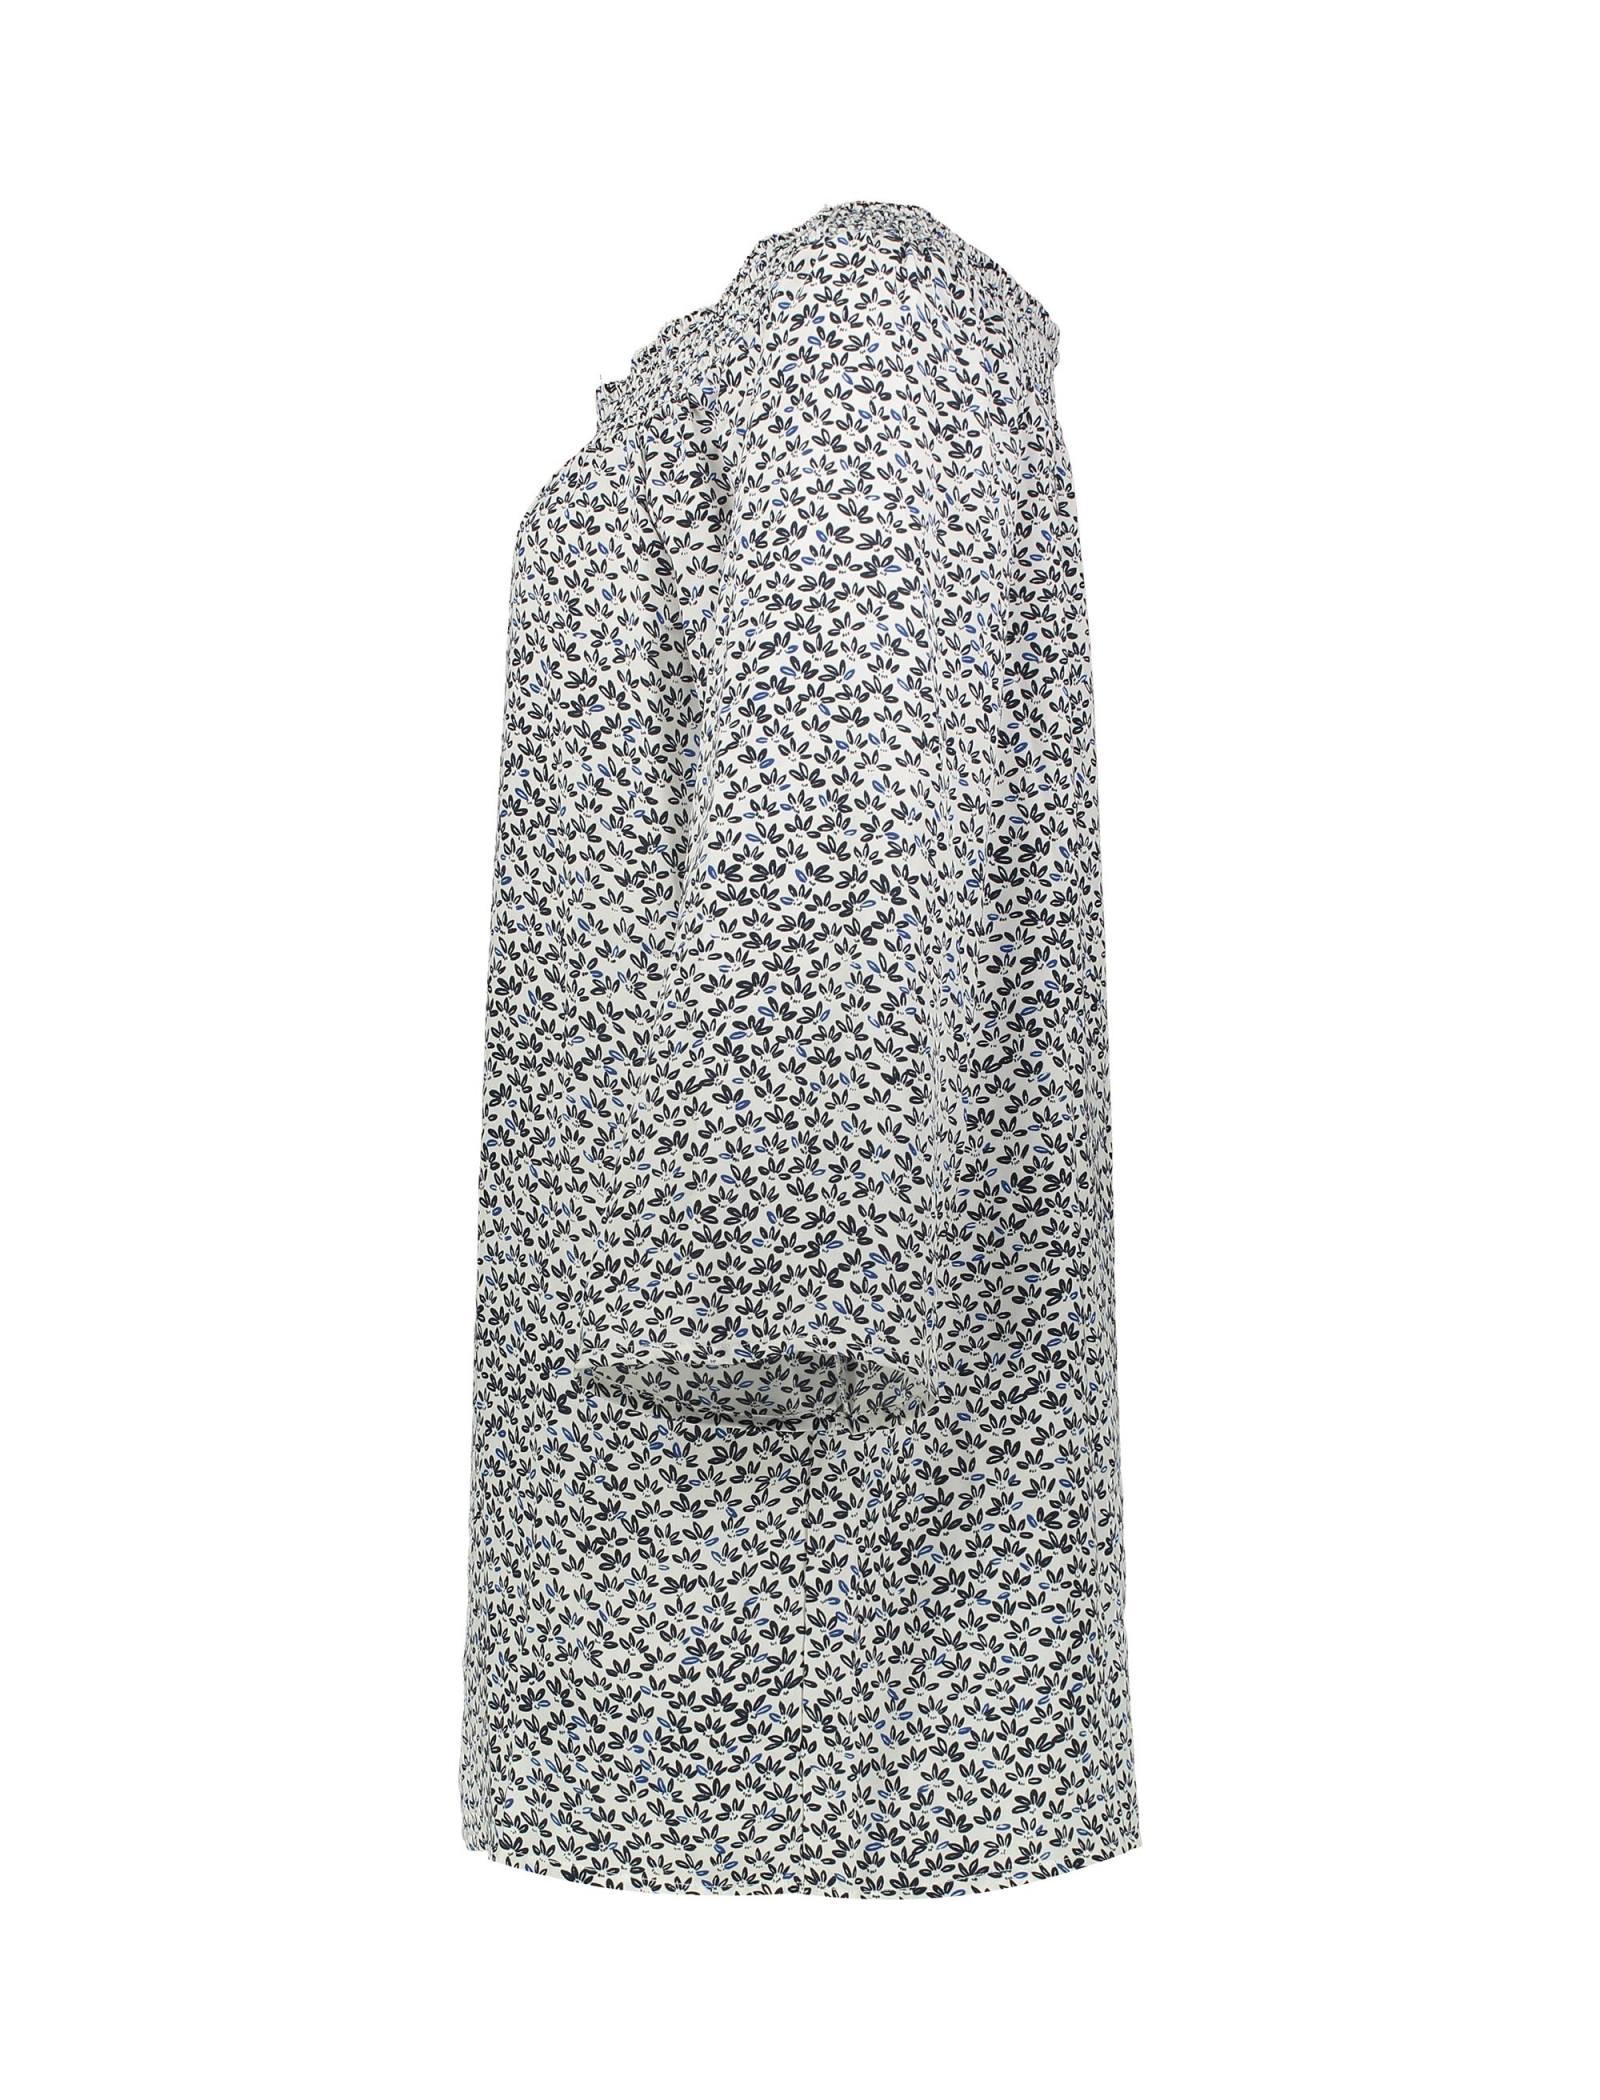 بلوز آستین بلند زنانه - یوپیم - سفيد - 3